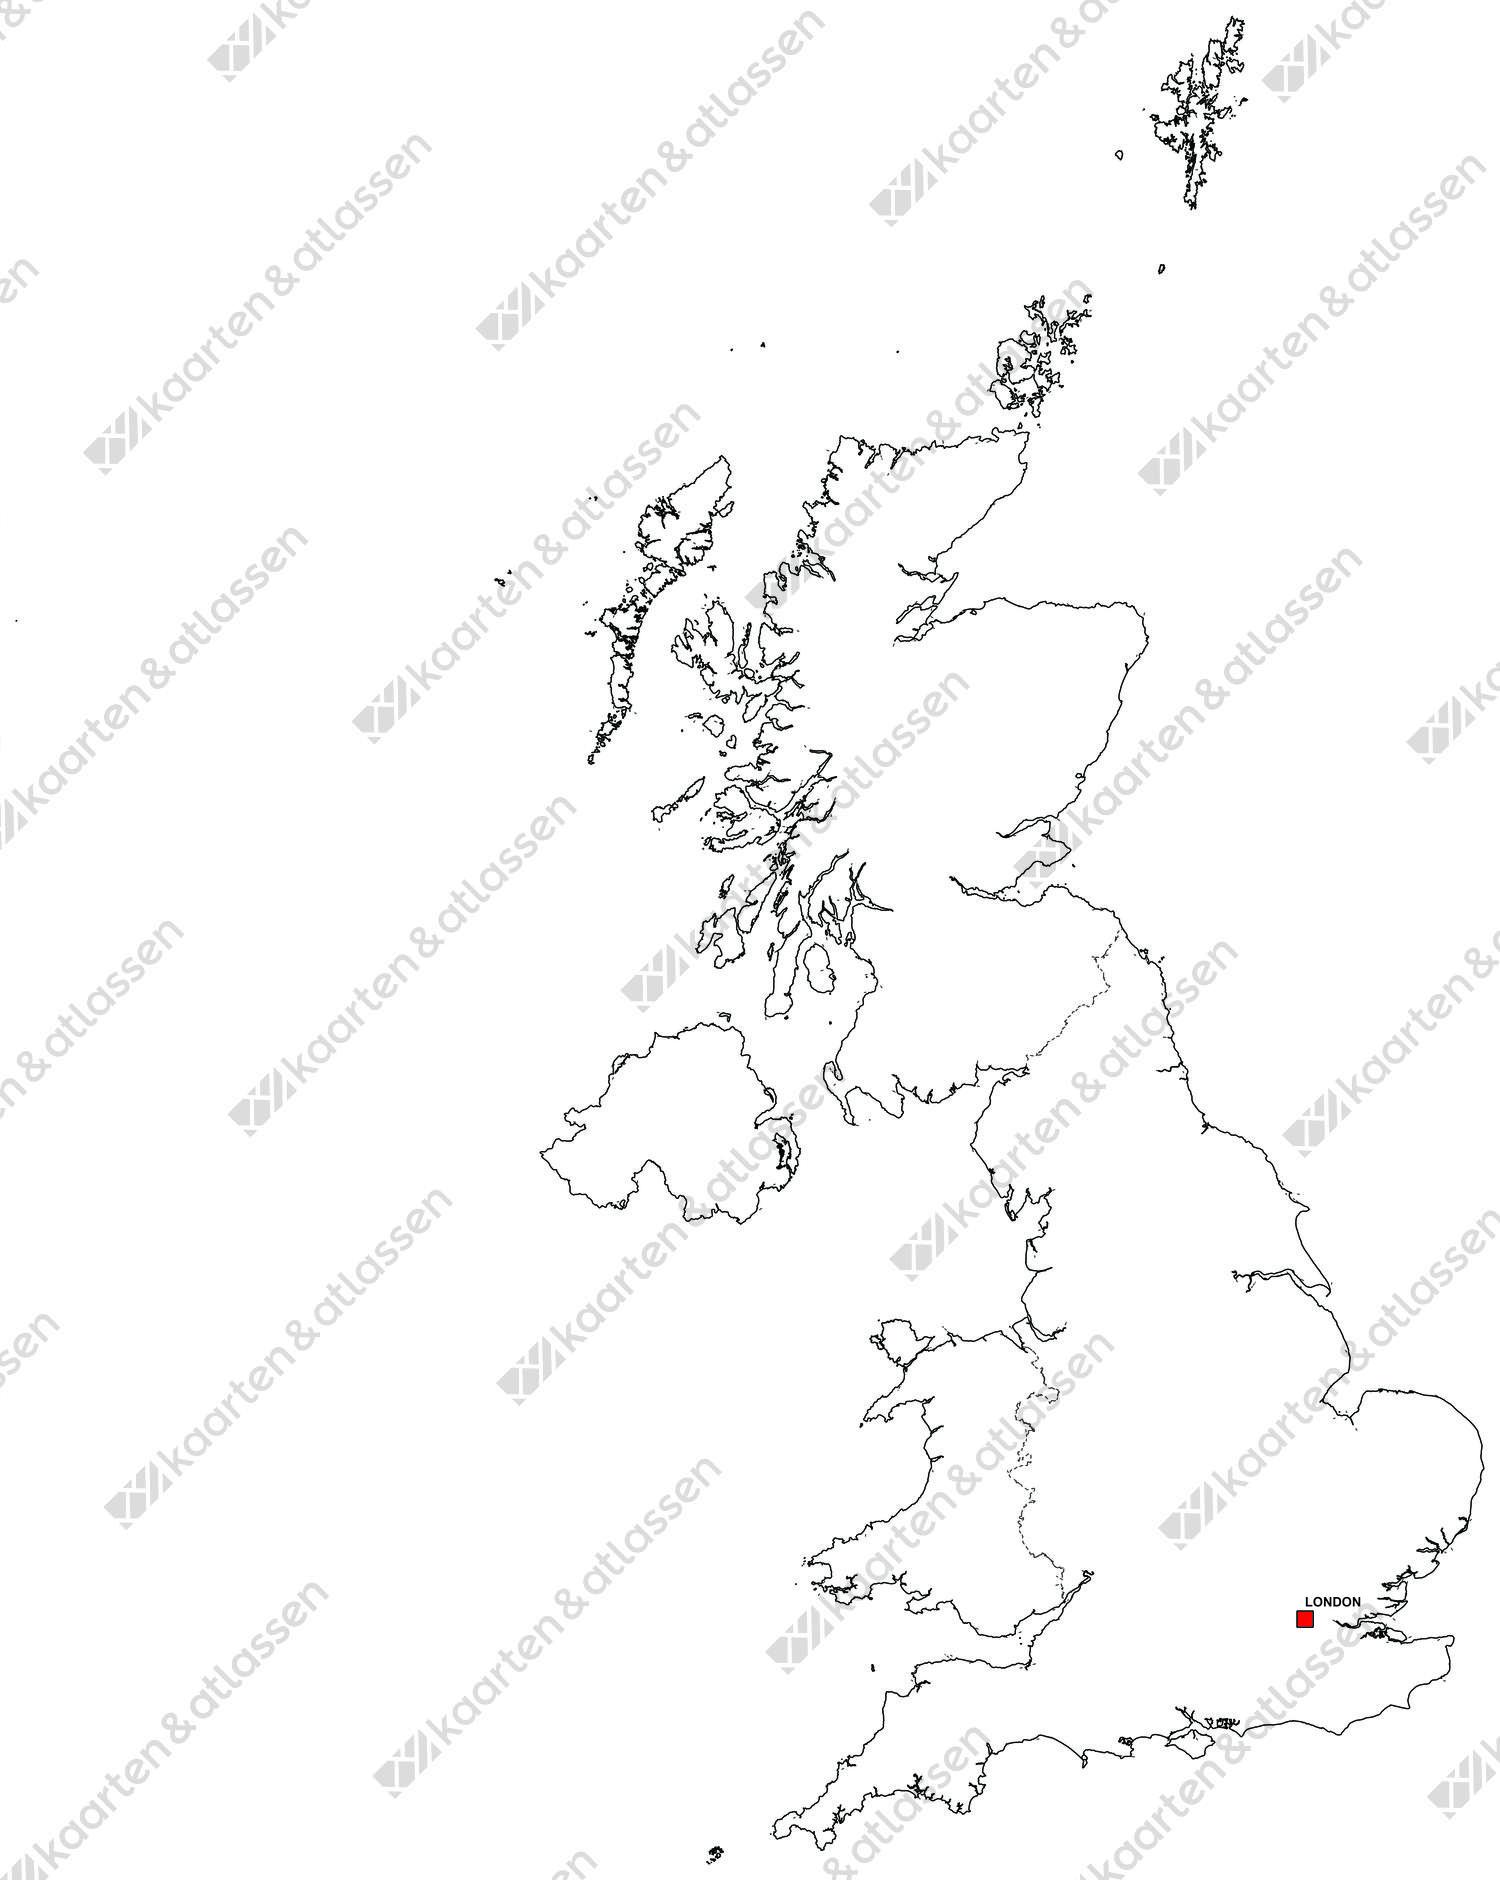 Gratis digitale kaart Verenigd Koninkrijk